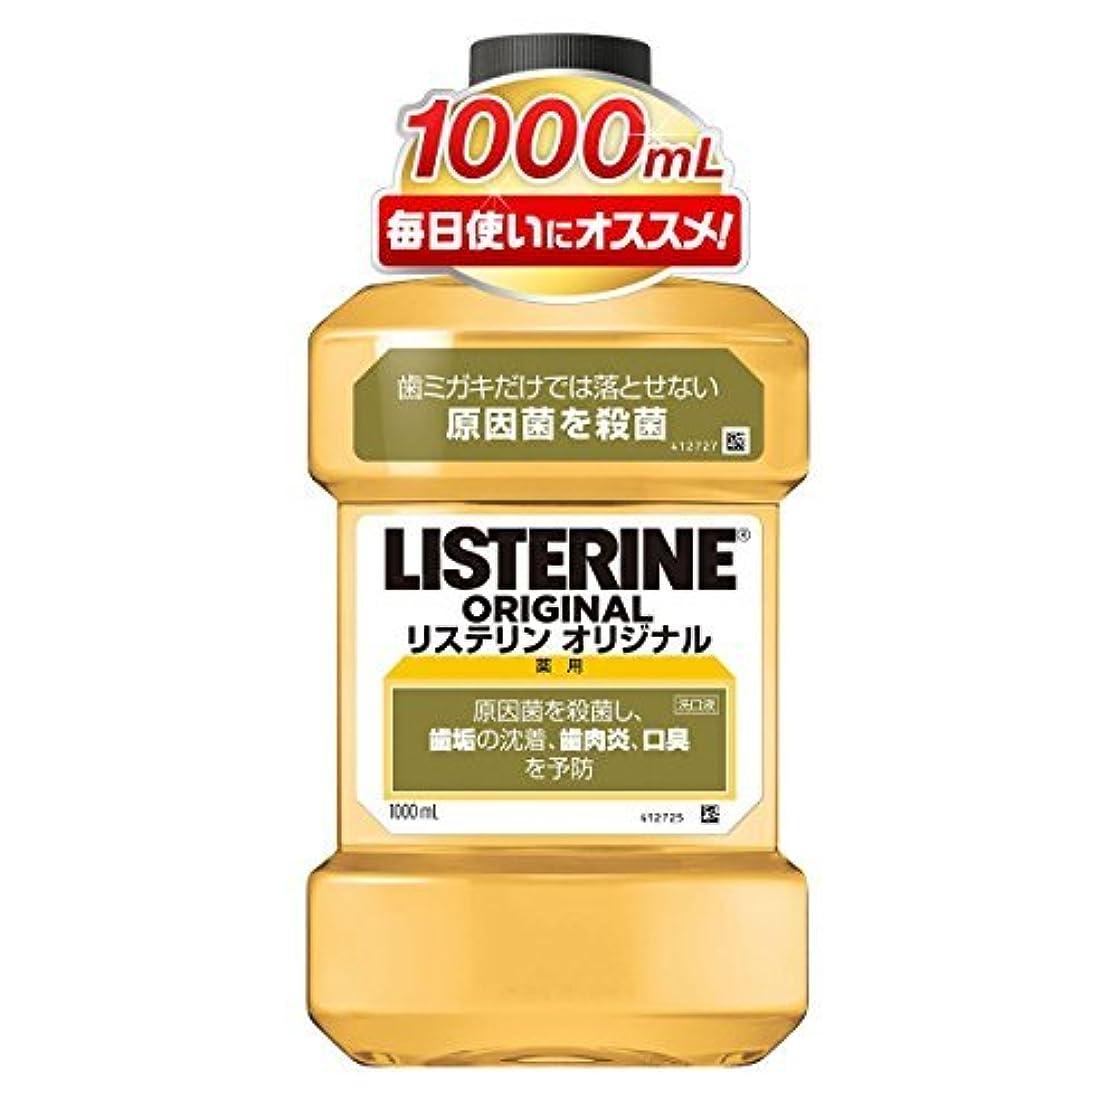 プレート私たちのペフ薬用リステリン オリジナル 1000ml ×6個セット